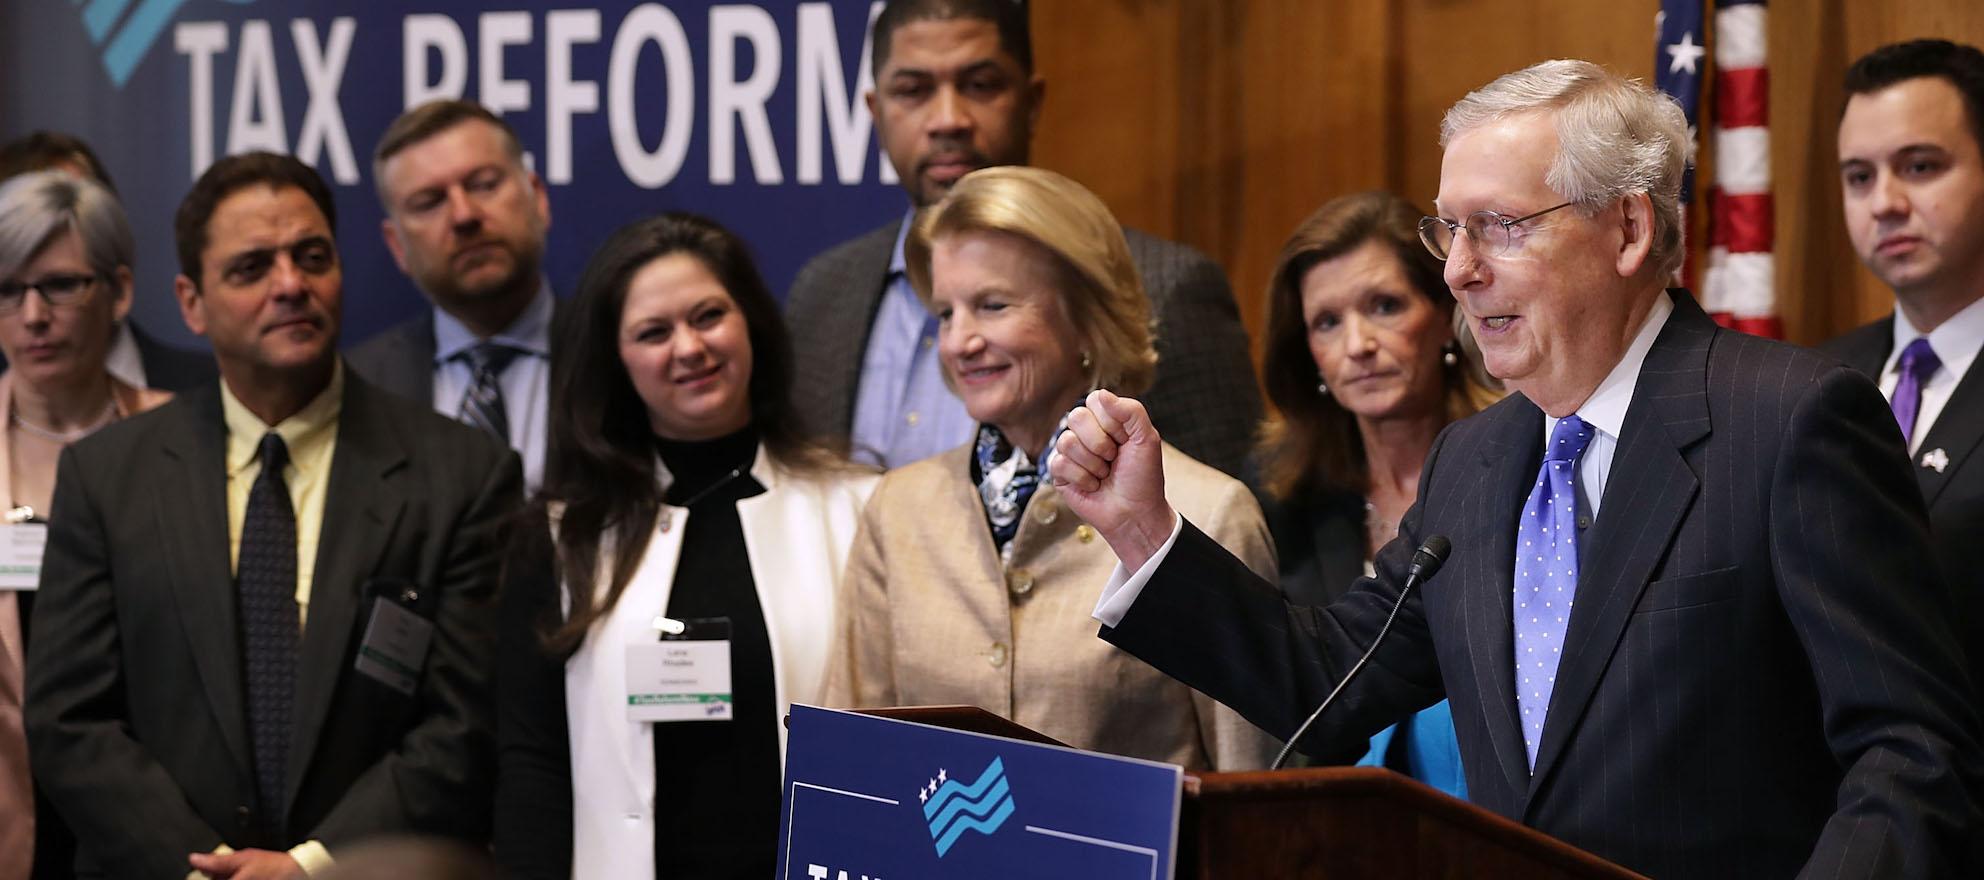 Senate passes tax reform bill following flurry of last-minute amendments